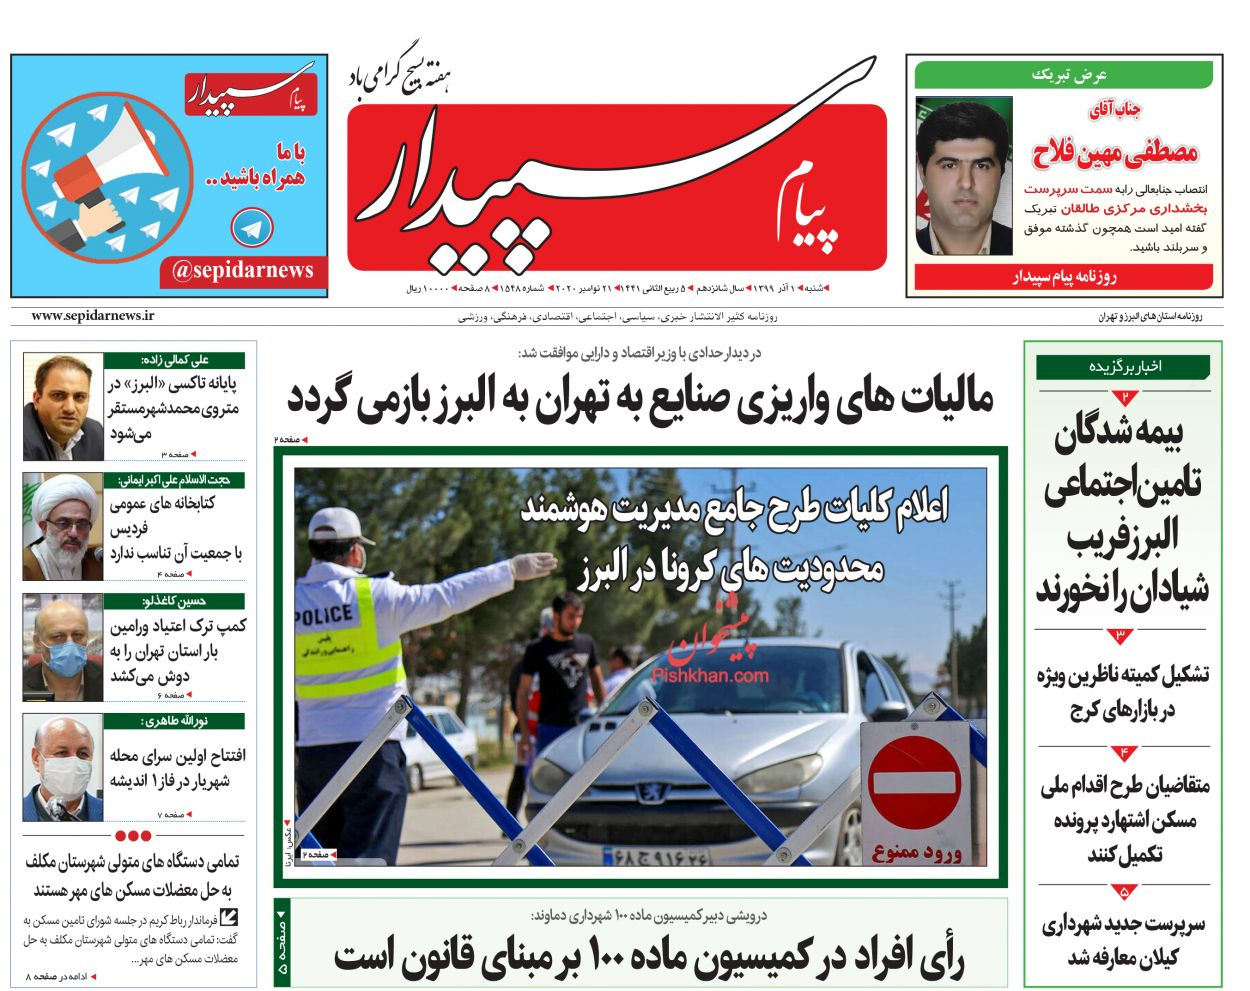 عناوین اخبار روزنامه پیام سپیدار در روز شنبه ۱ آذر